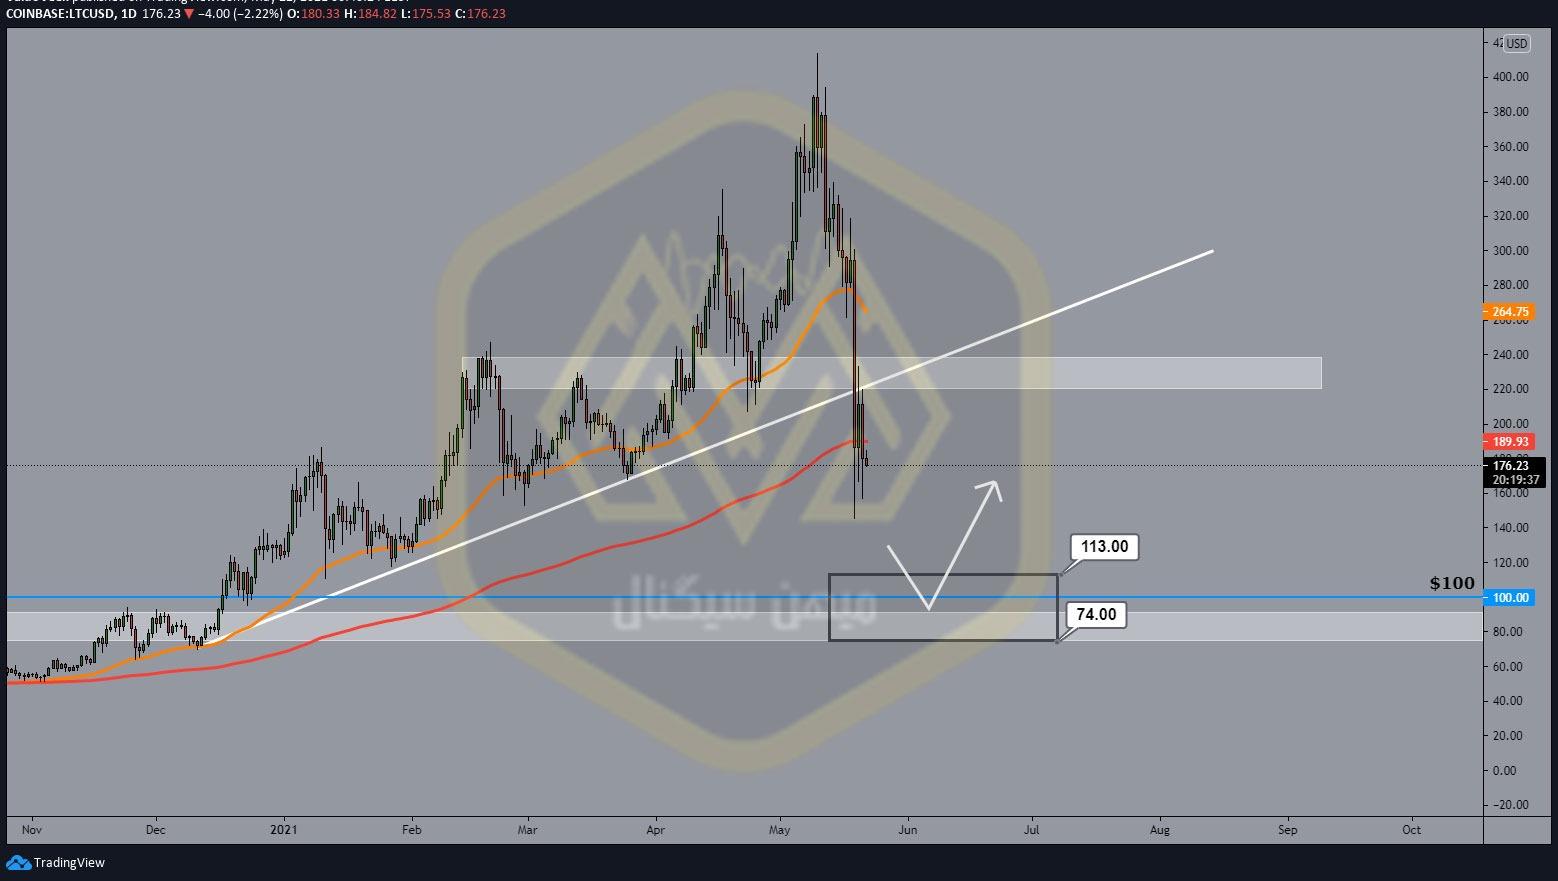 نمودار یک روزه لایت کوین / دلار